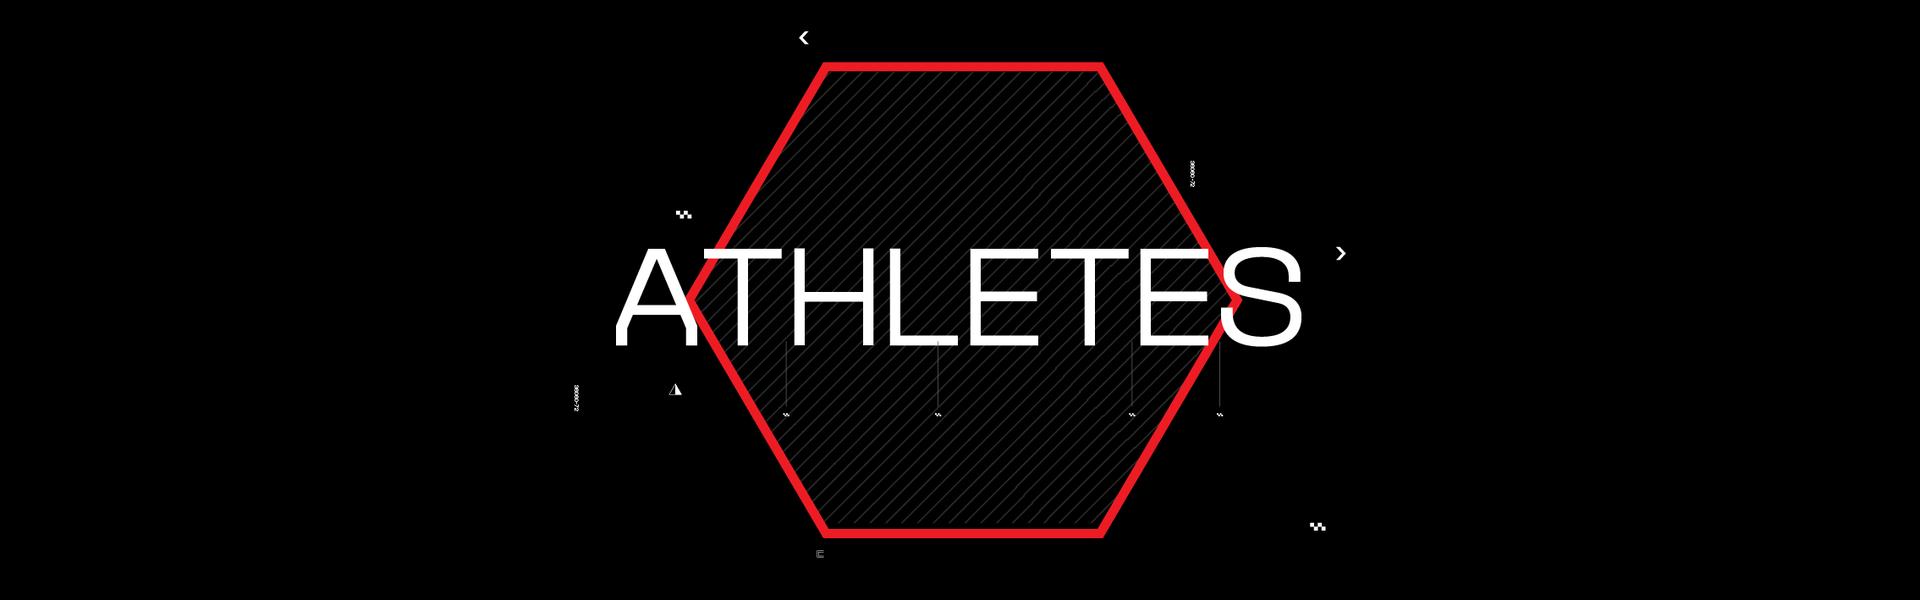 Dainese Athletes